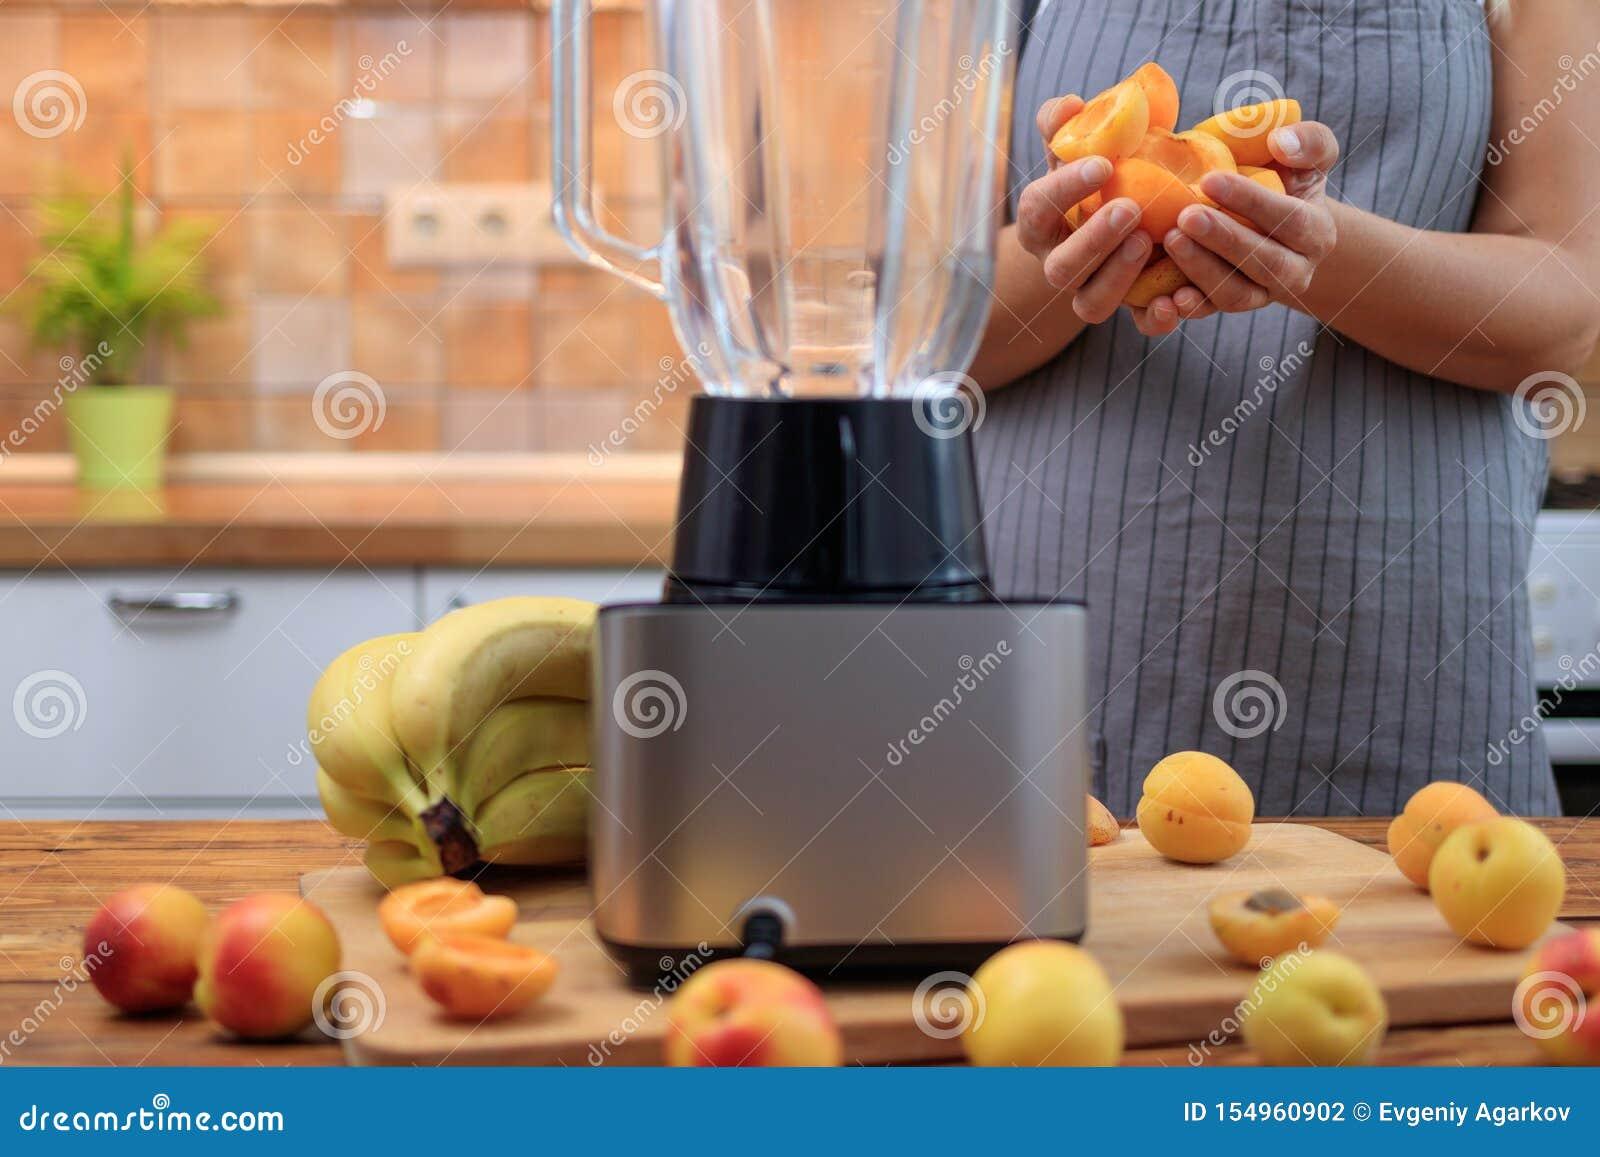 Mulher que prepara o batido ou o suco do abricó com frutos na cozinha